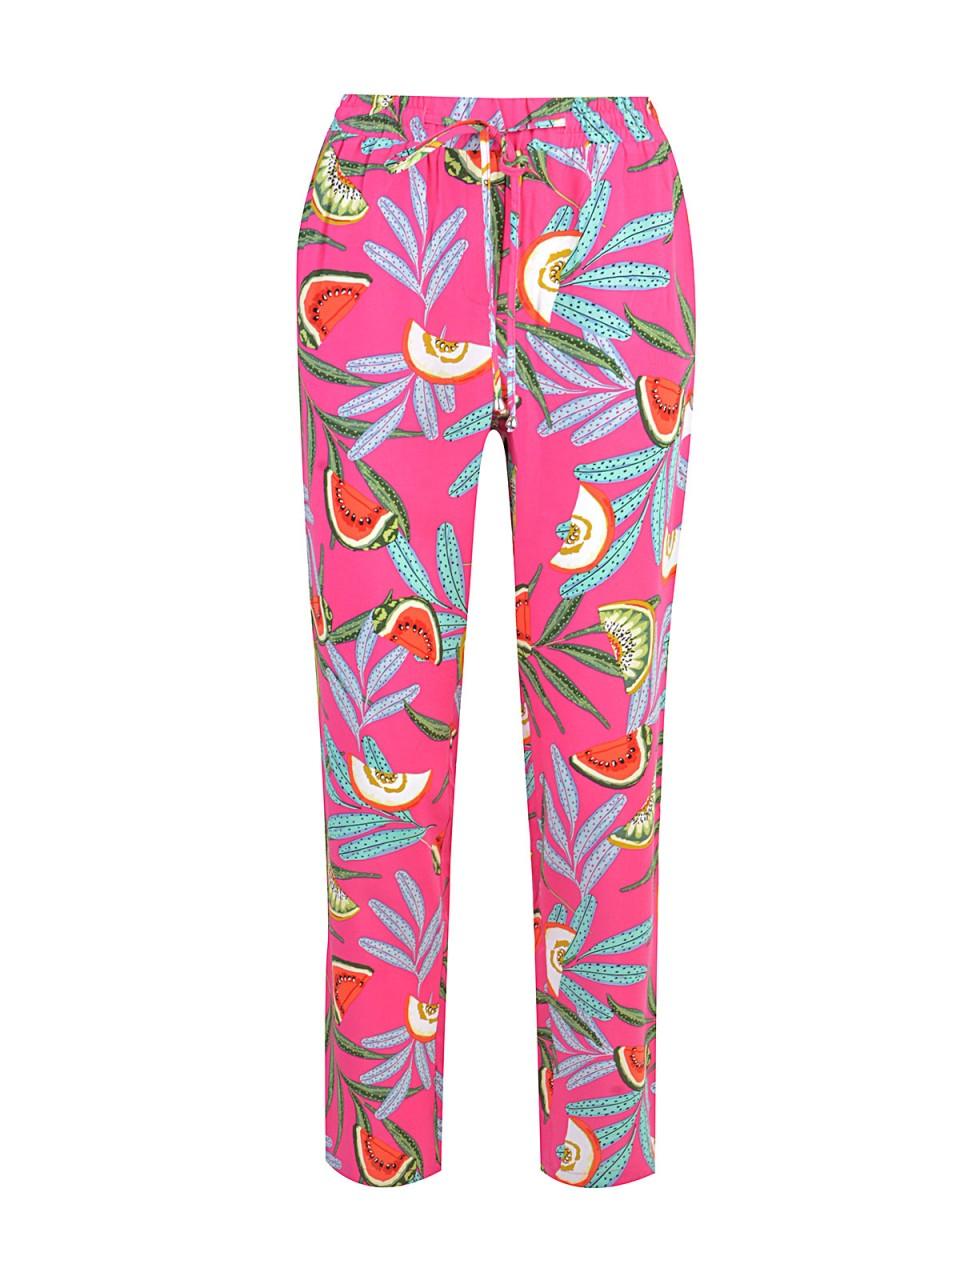 Hosen - MILANO ITALY Damen Hose, pink  - Onlineshop Designermode.com